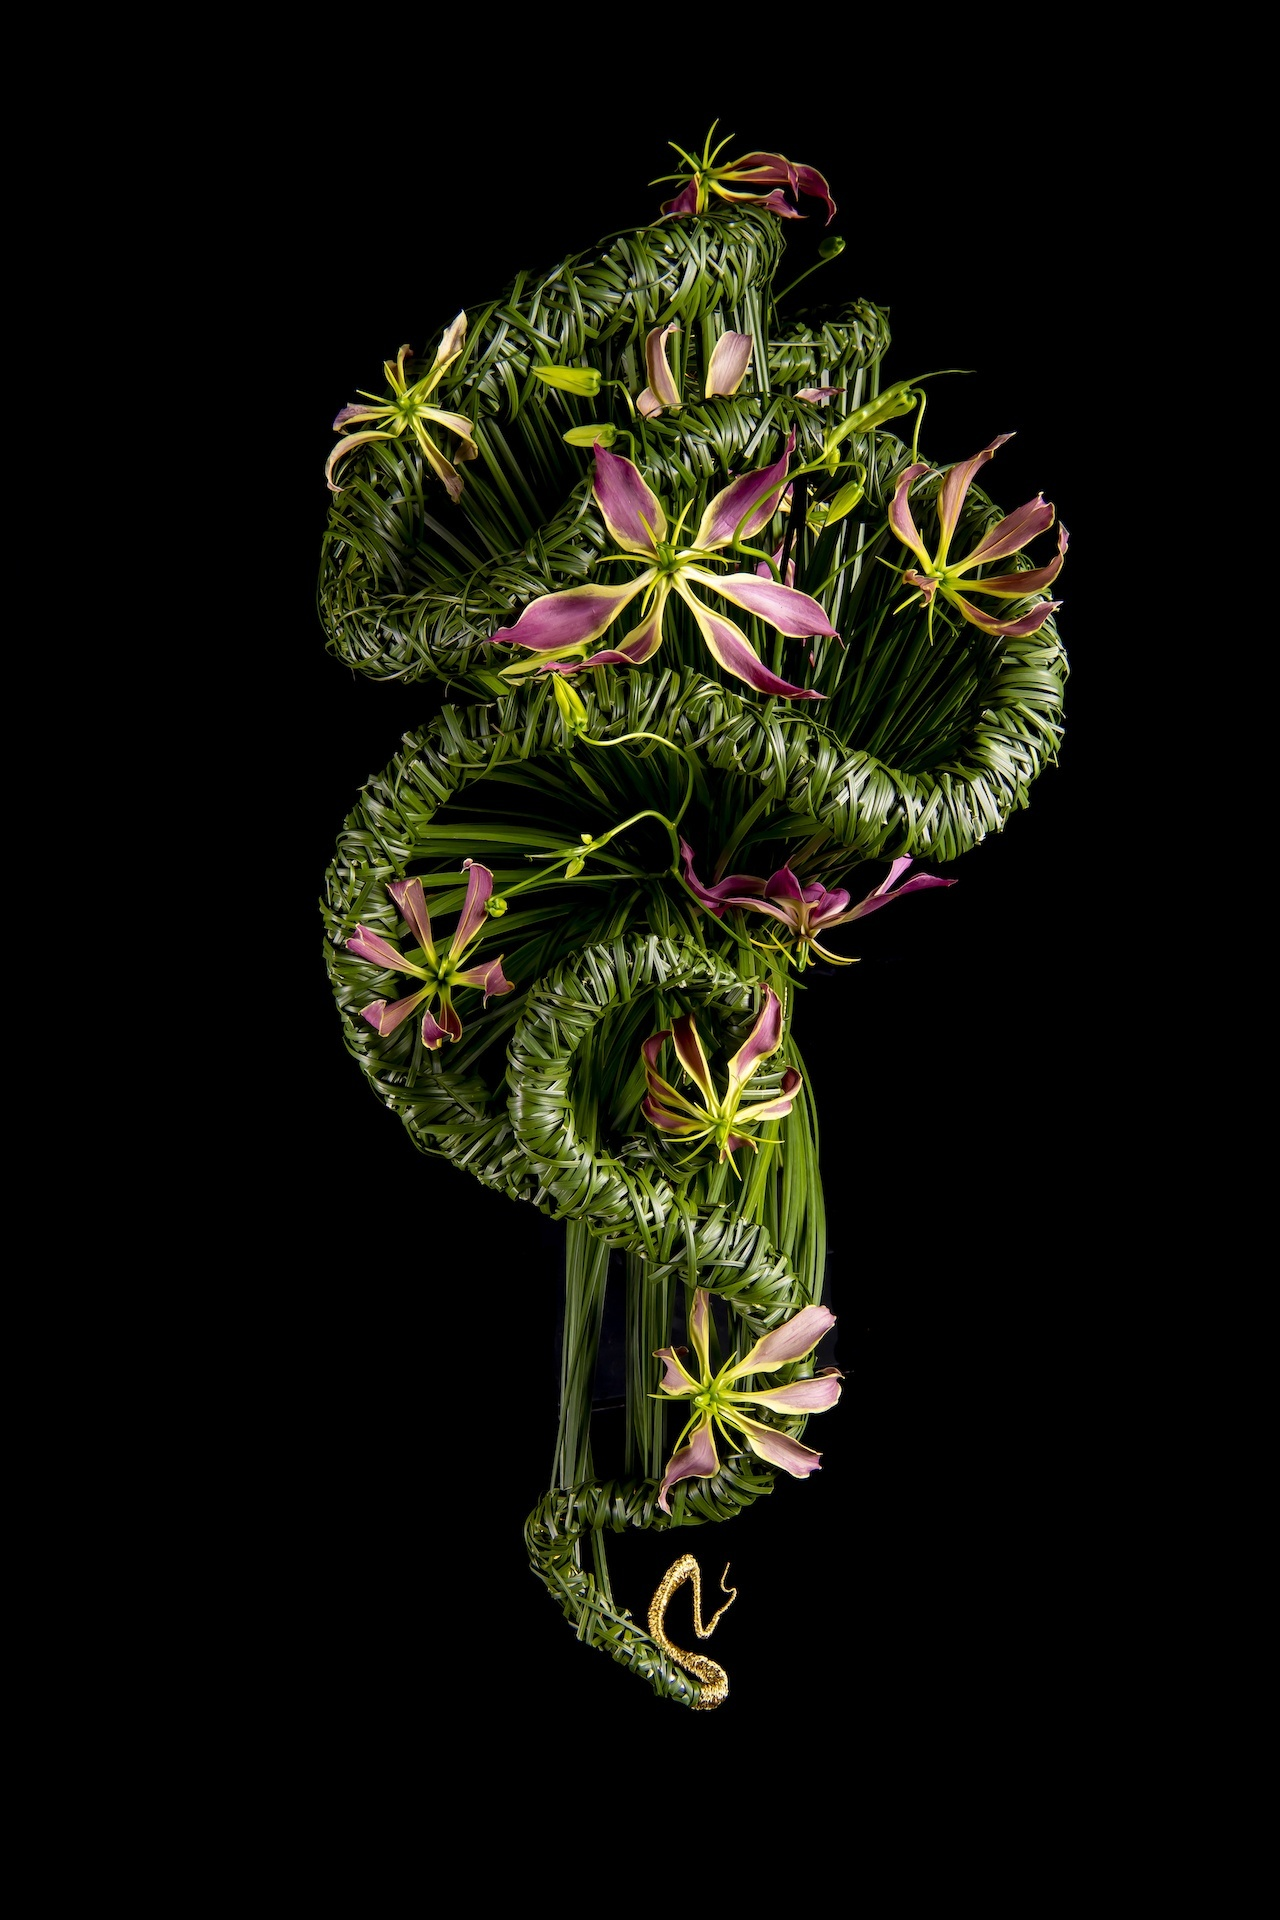 créations avec des anthuriums par le maître fleuriste Hanneke Frankema